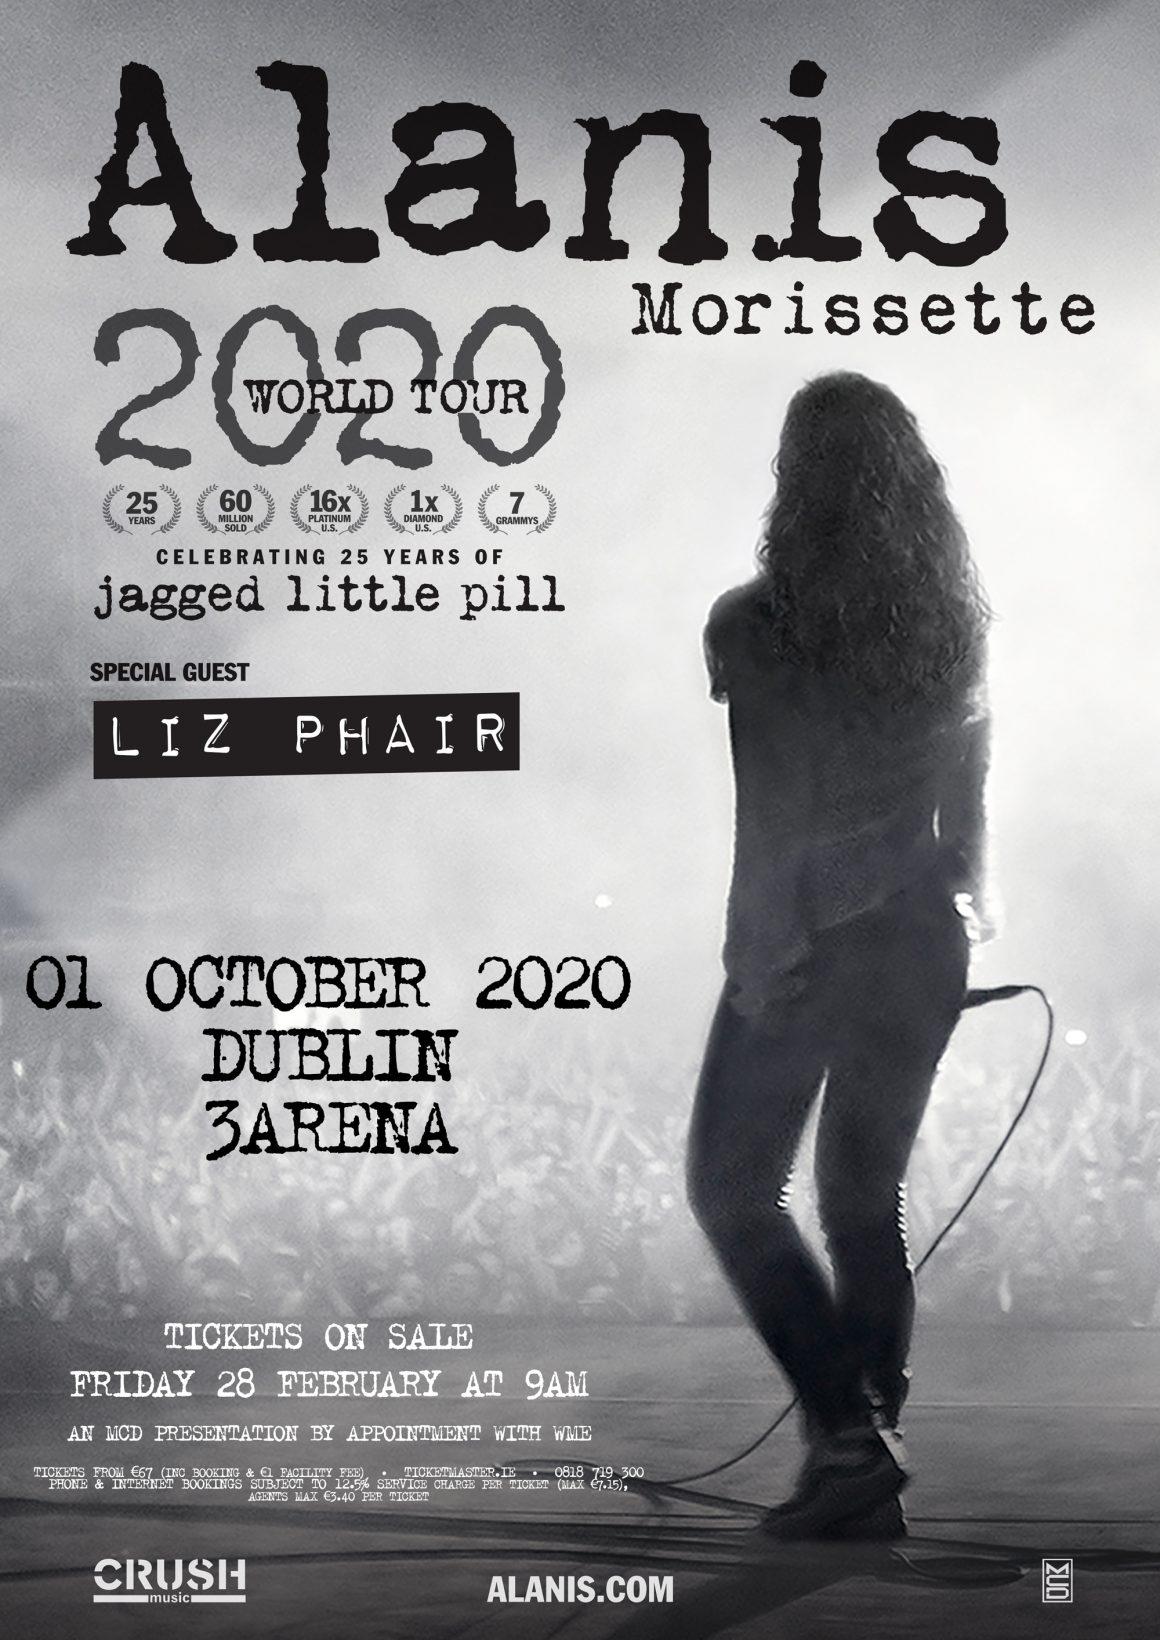 Alanis Morissette Event PR Music PR Festival PR Entertainment PR Concert PR Publicity Media Relations